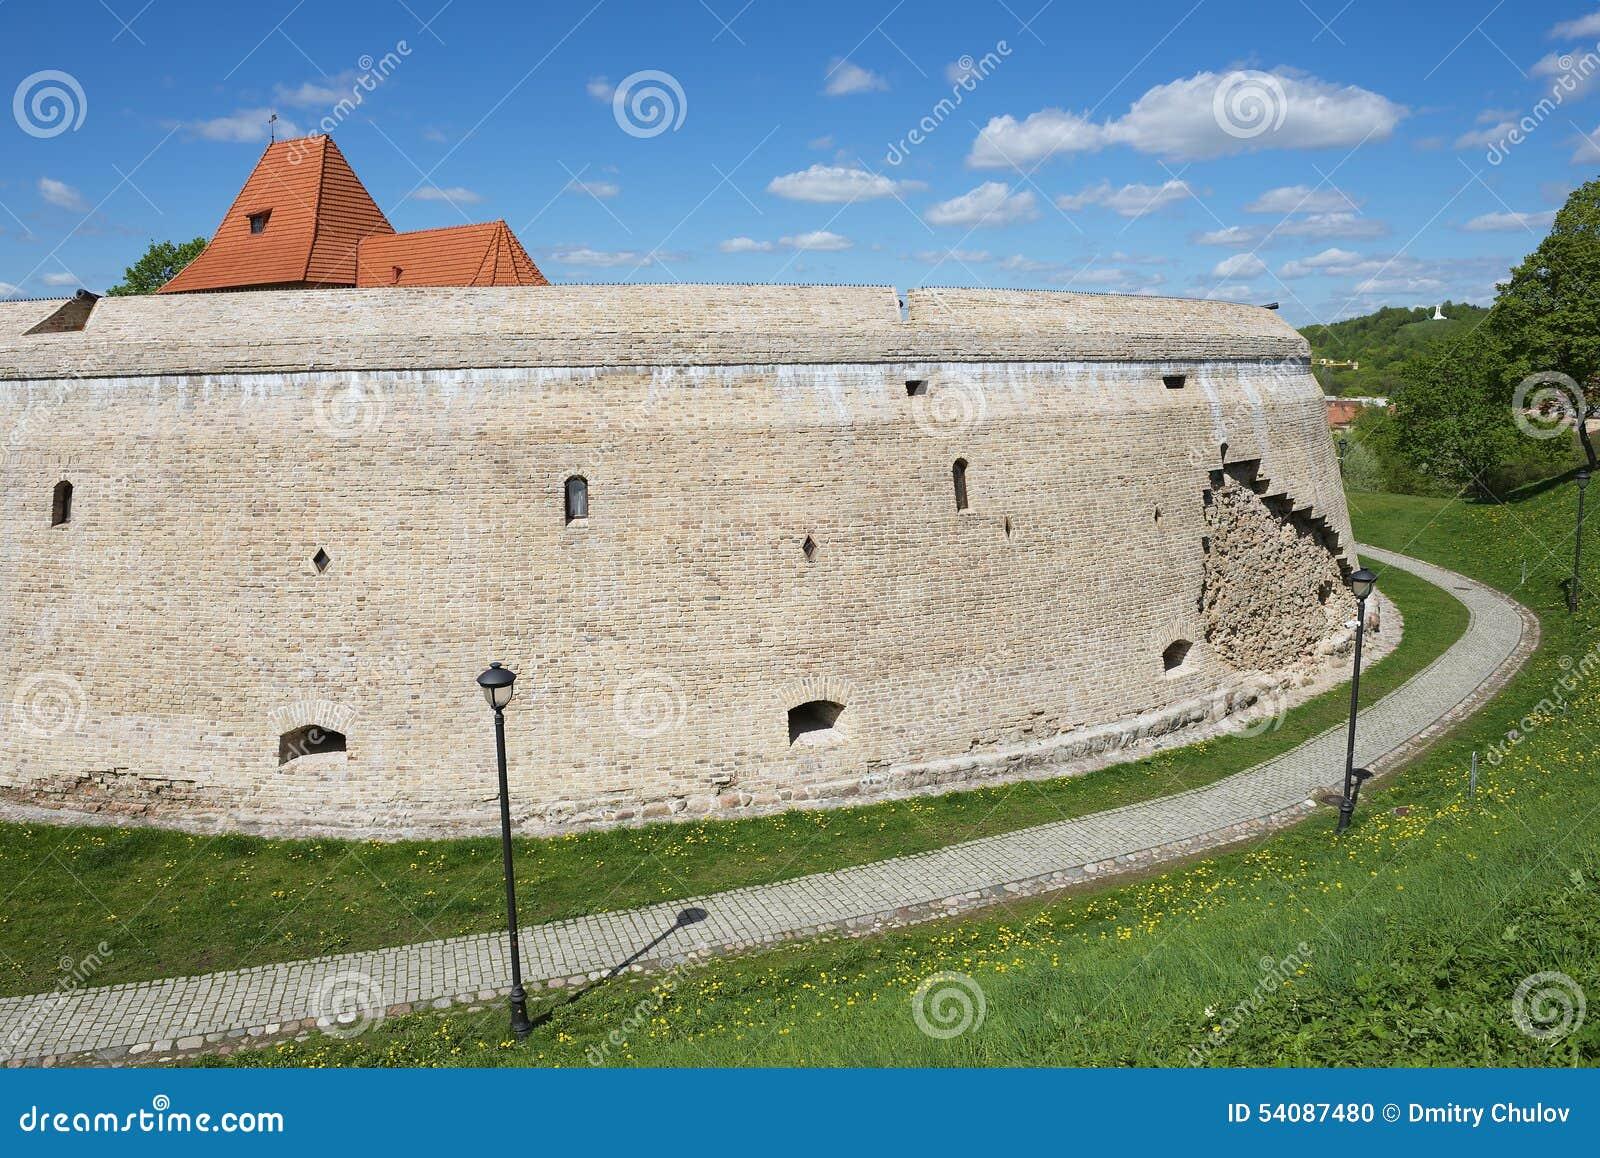 Buitenkant van het Barbacan-bastion van de oude stad van Vilnius, Litouwen